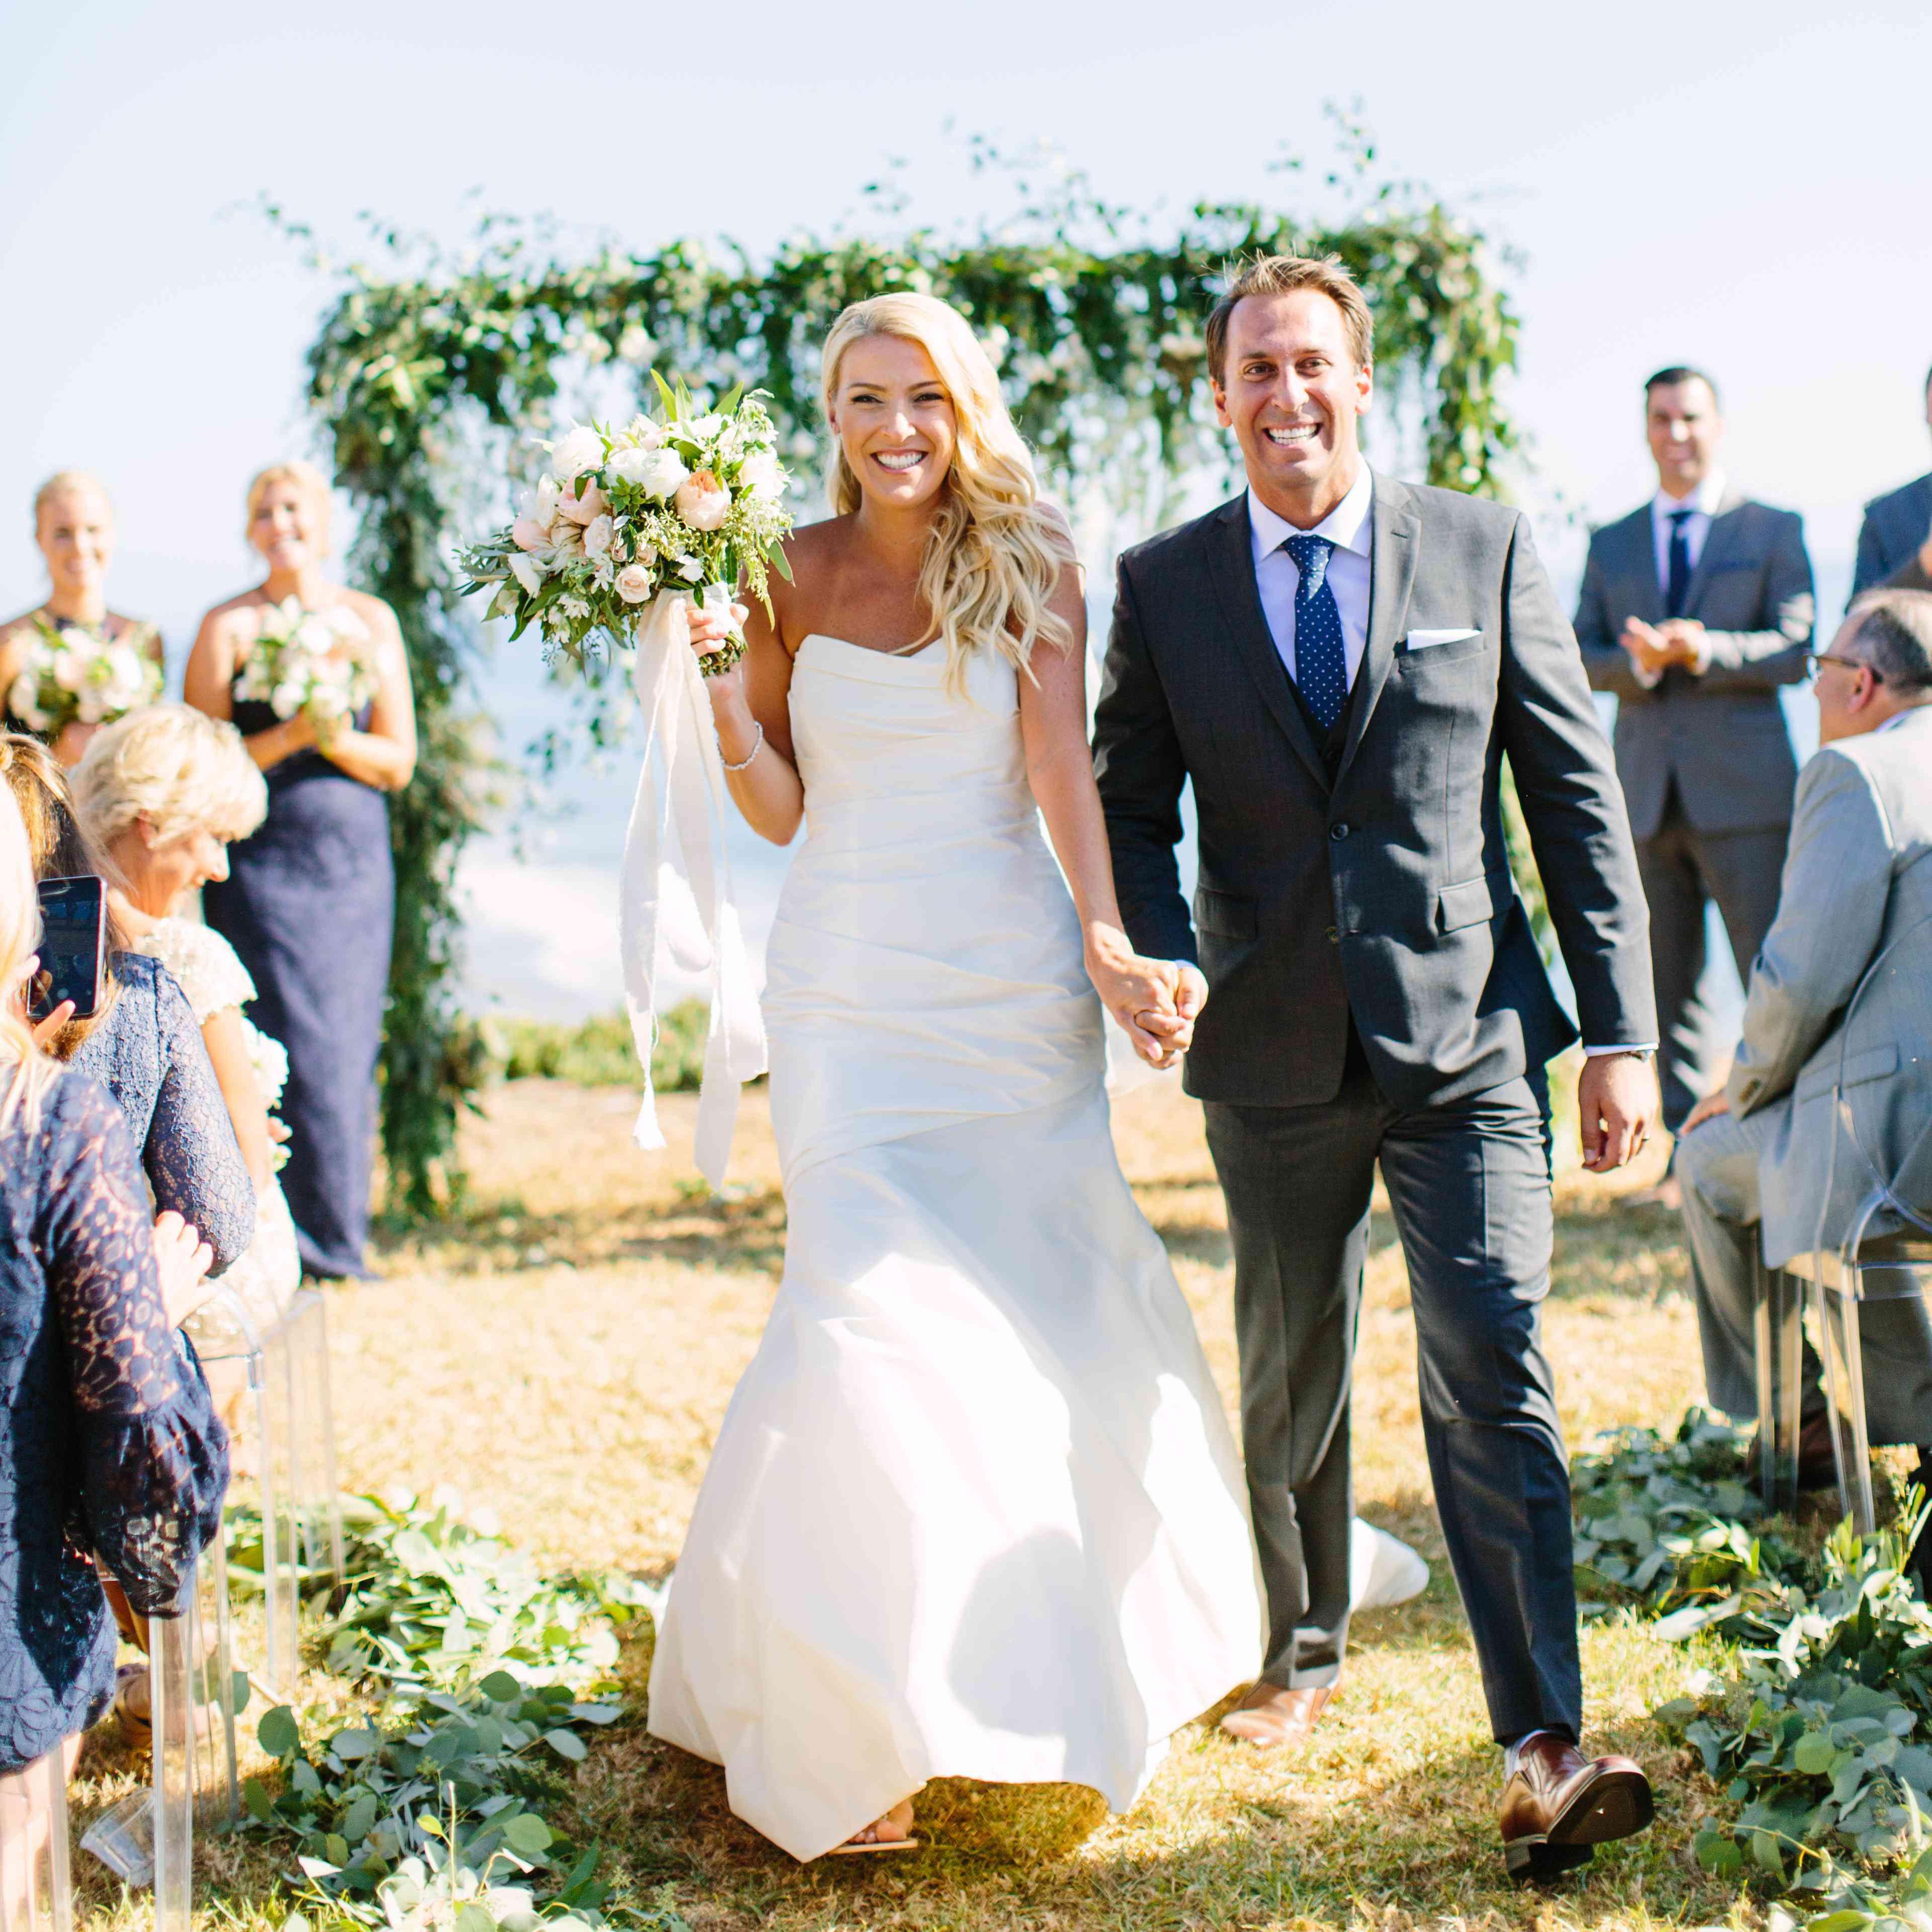 Wedding Aisle Decor.34 Stylish Wedding Aisle Decoration Ideas